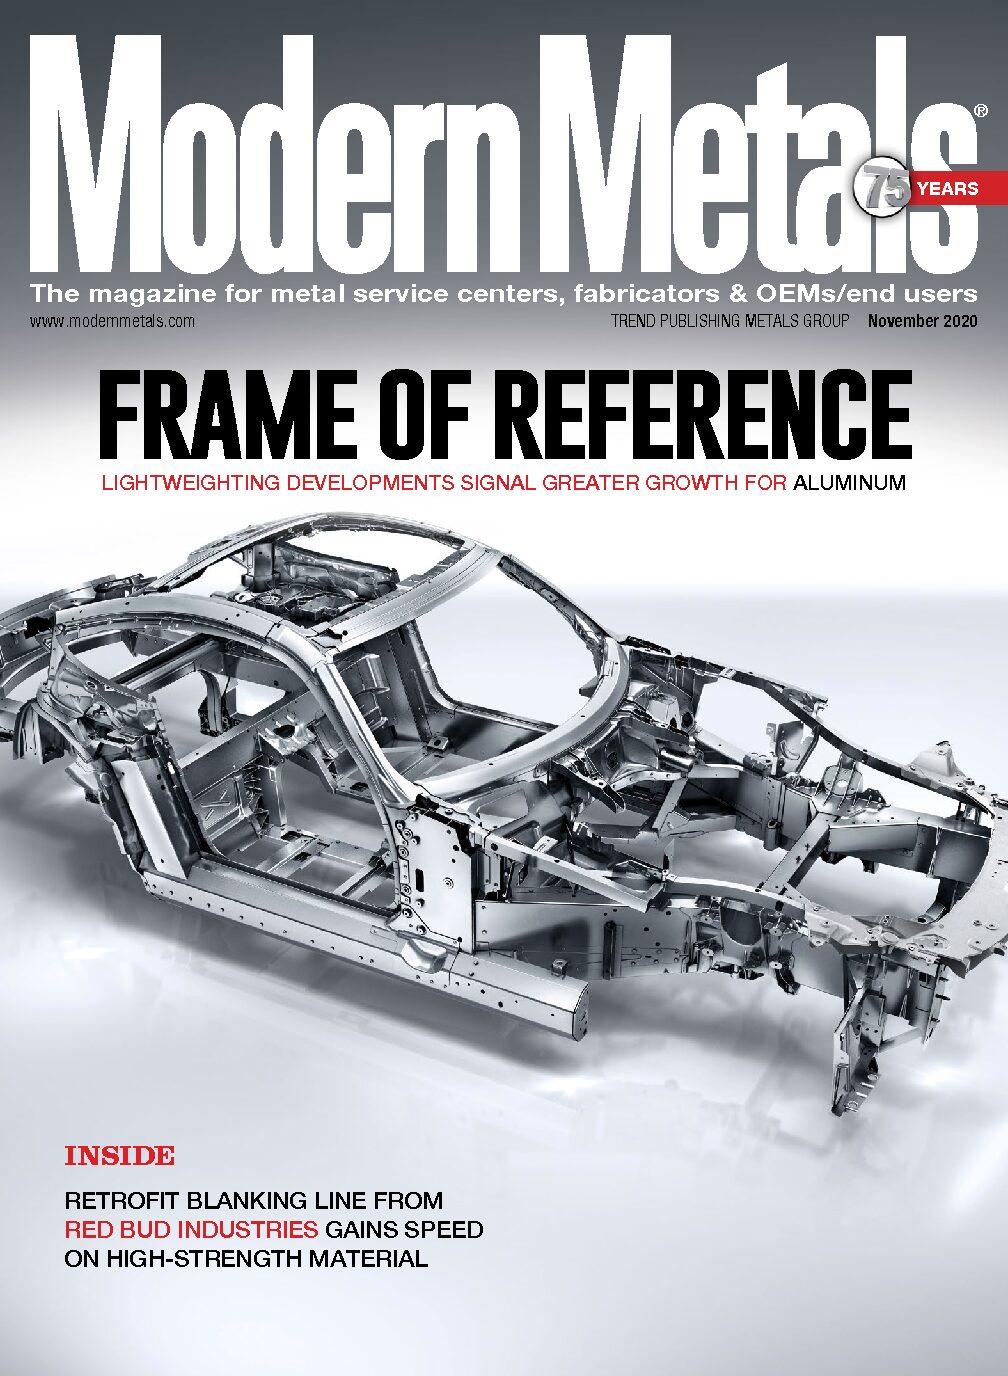 Modern Metals Magazine Feature